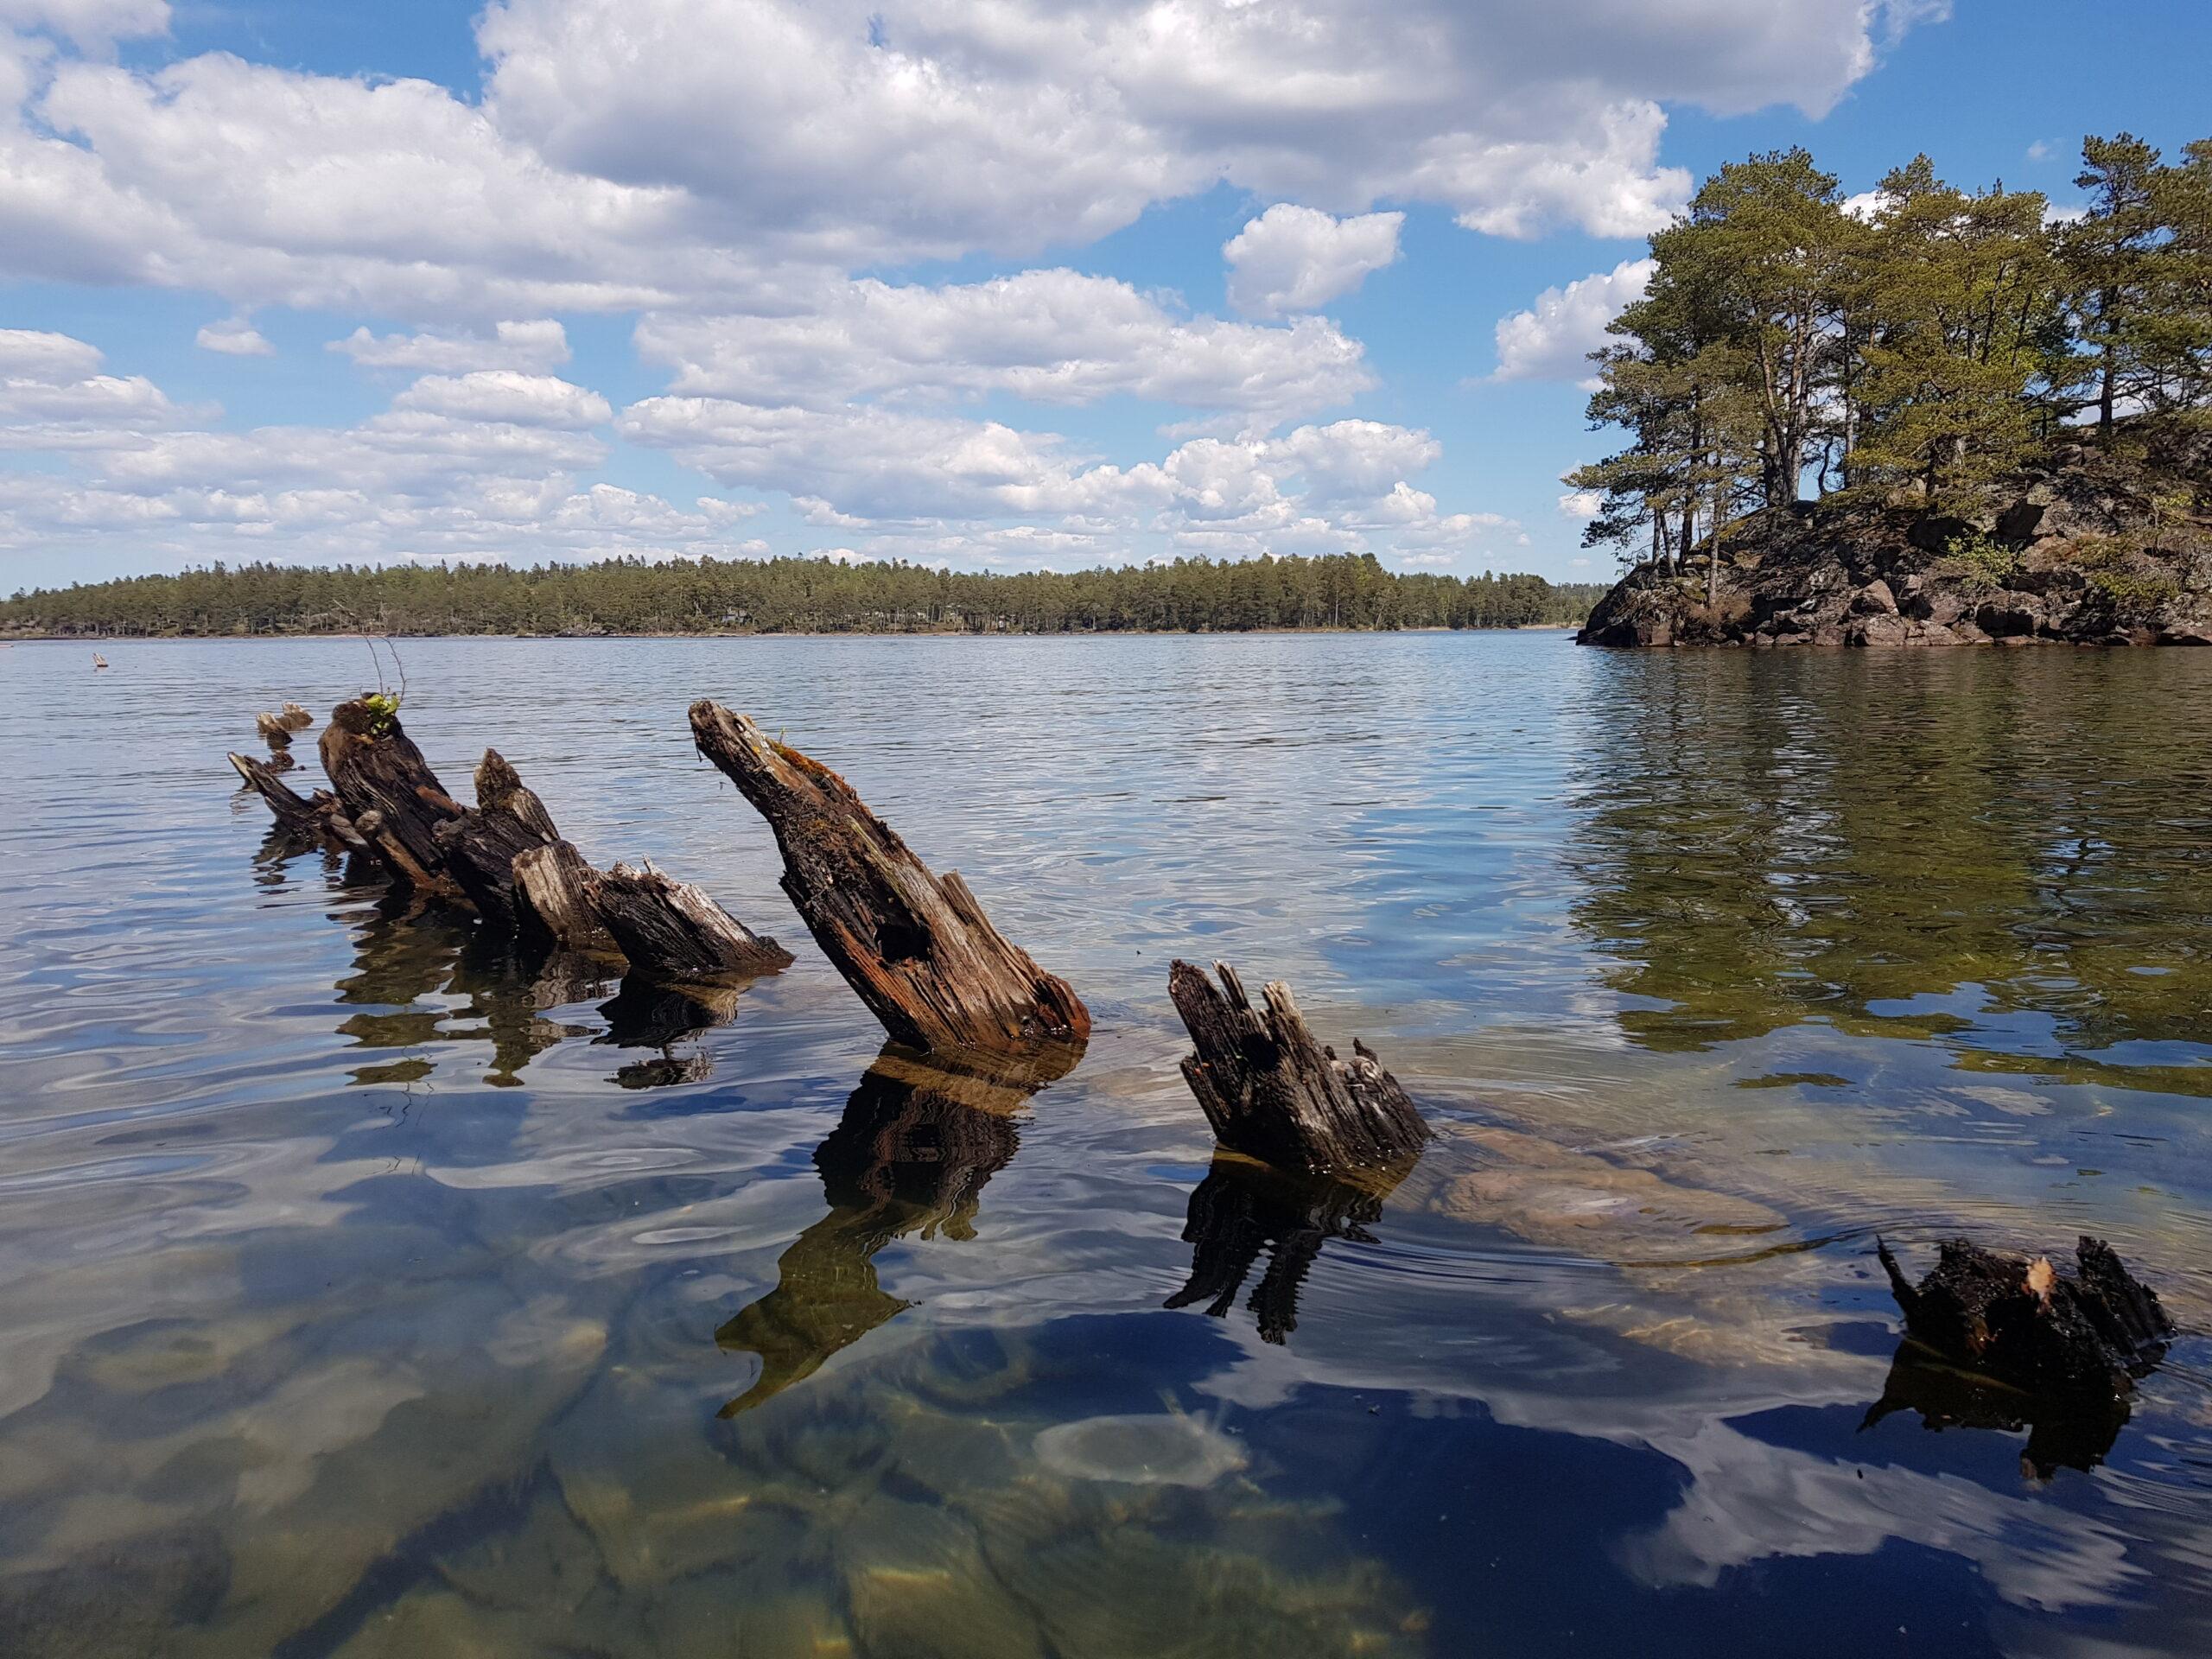 Lake Vättern, Sweden